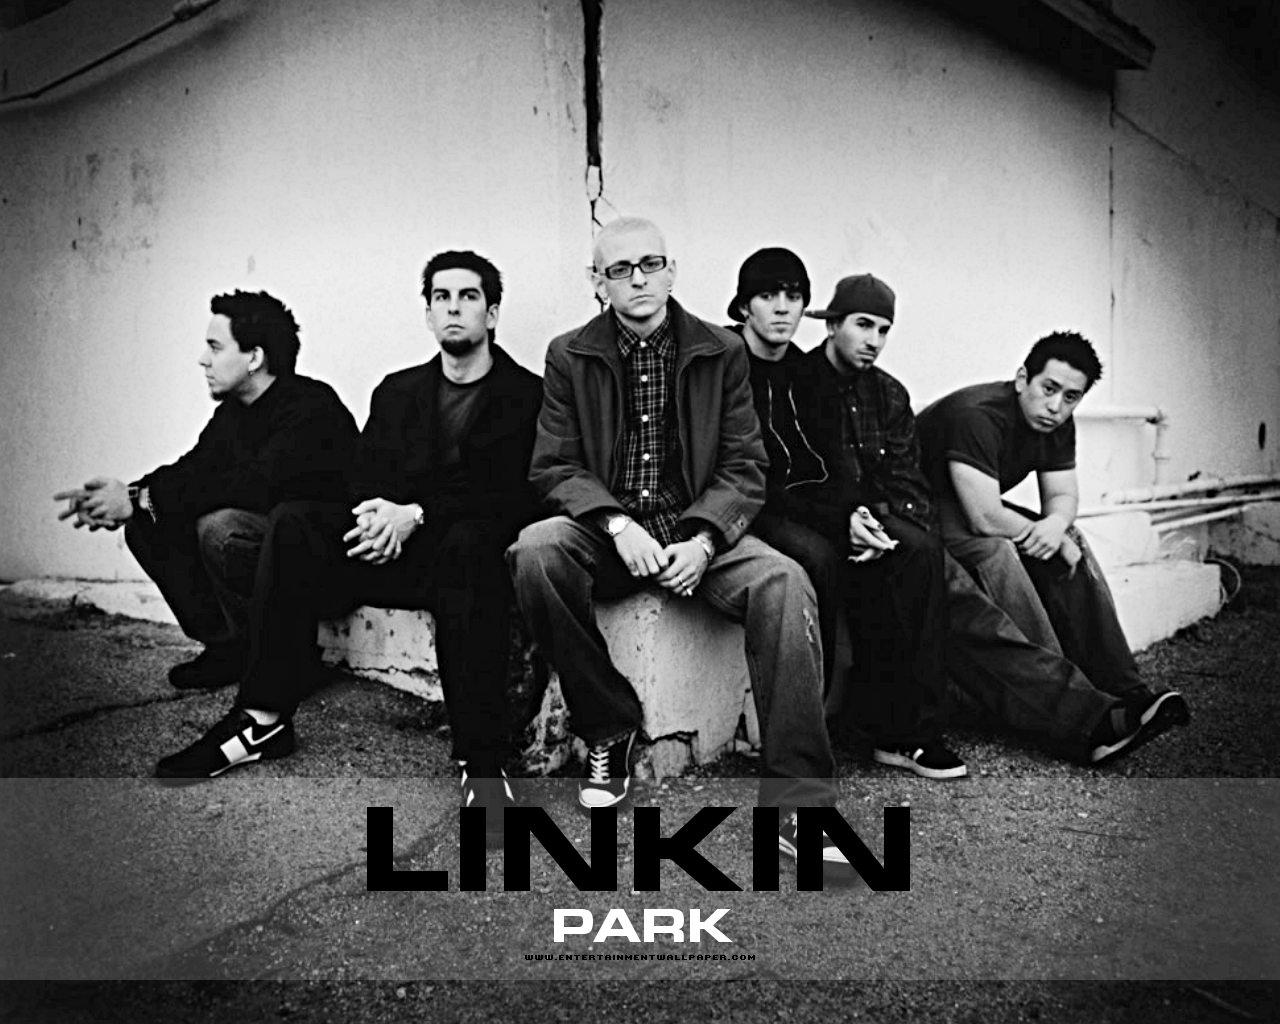 Linkin Park   Linkin Park Wallpaper 779351 1280x1024